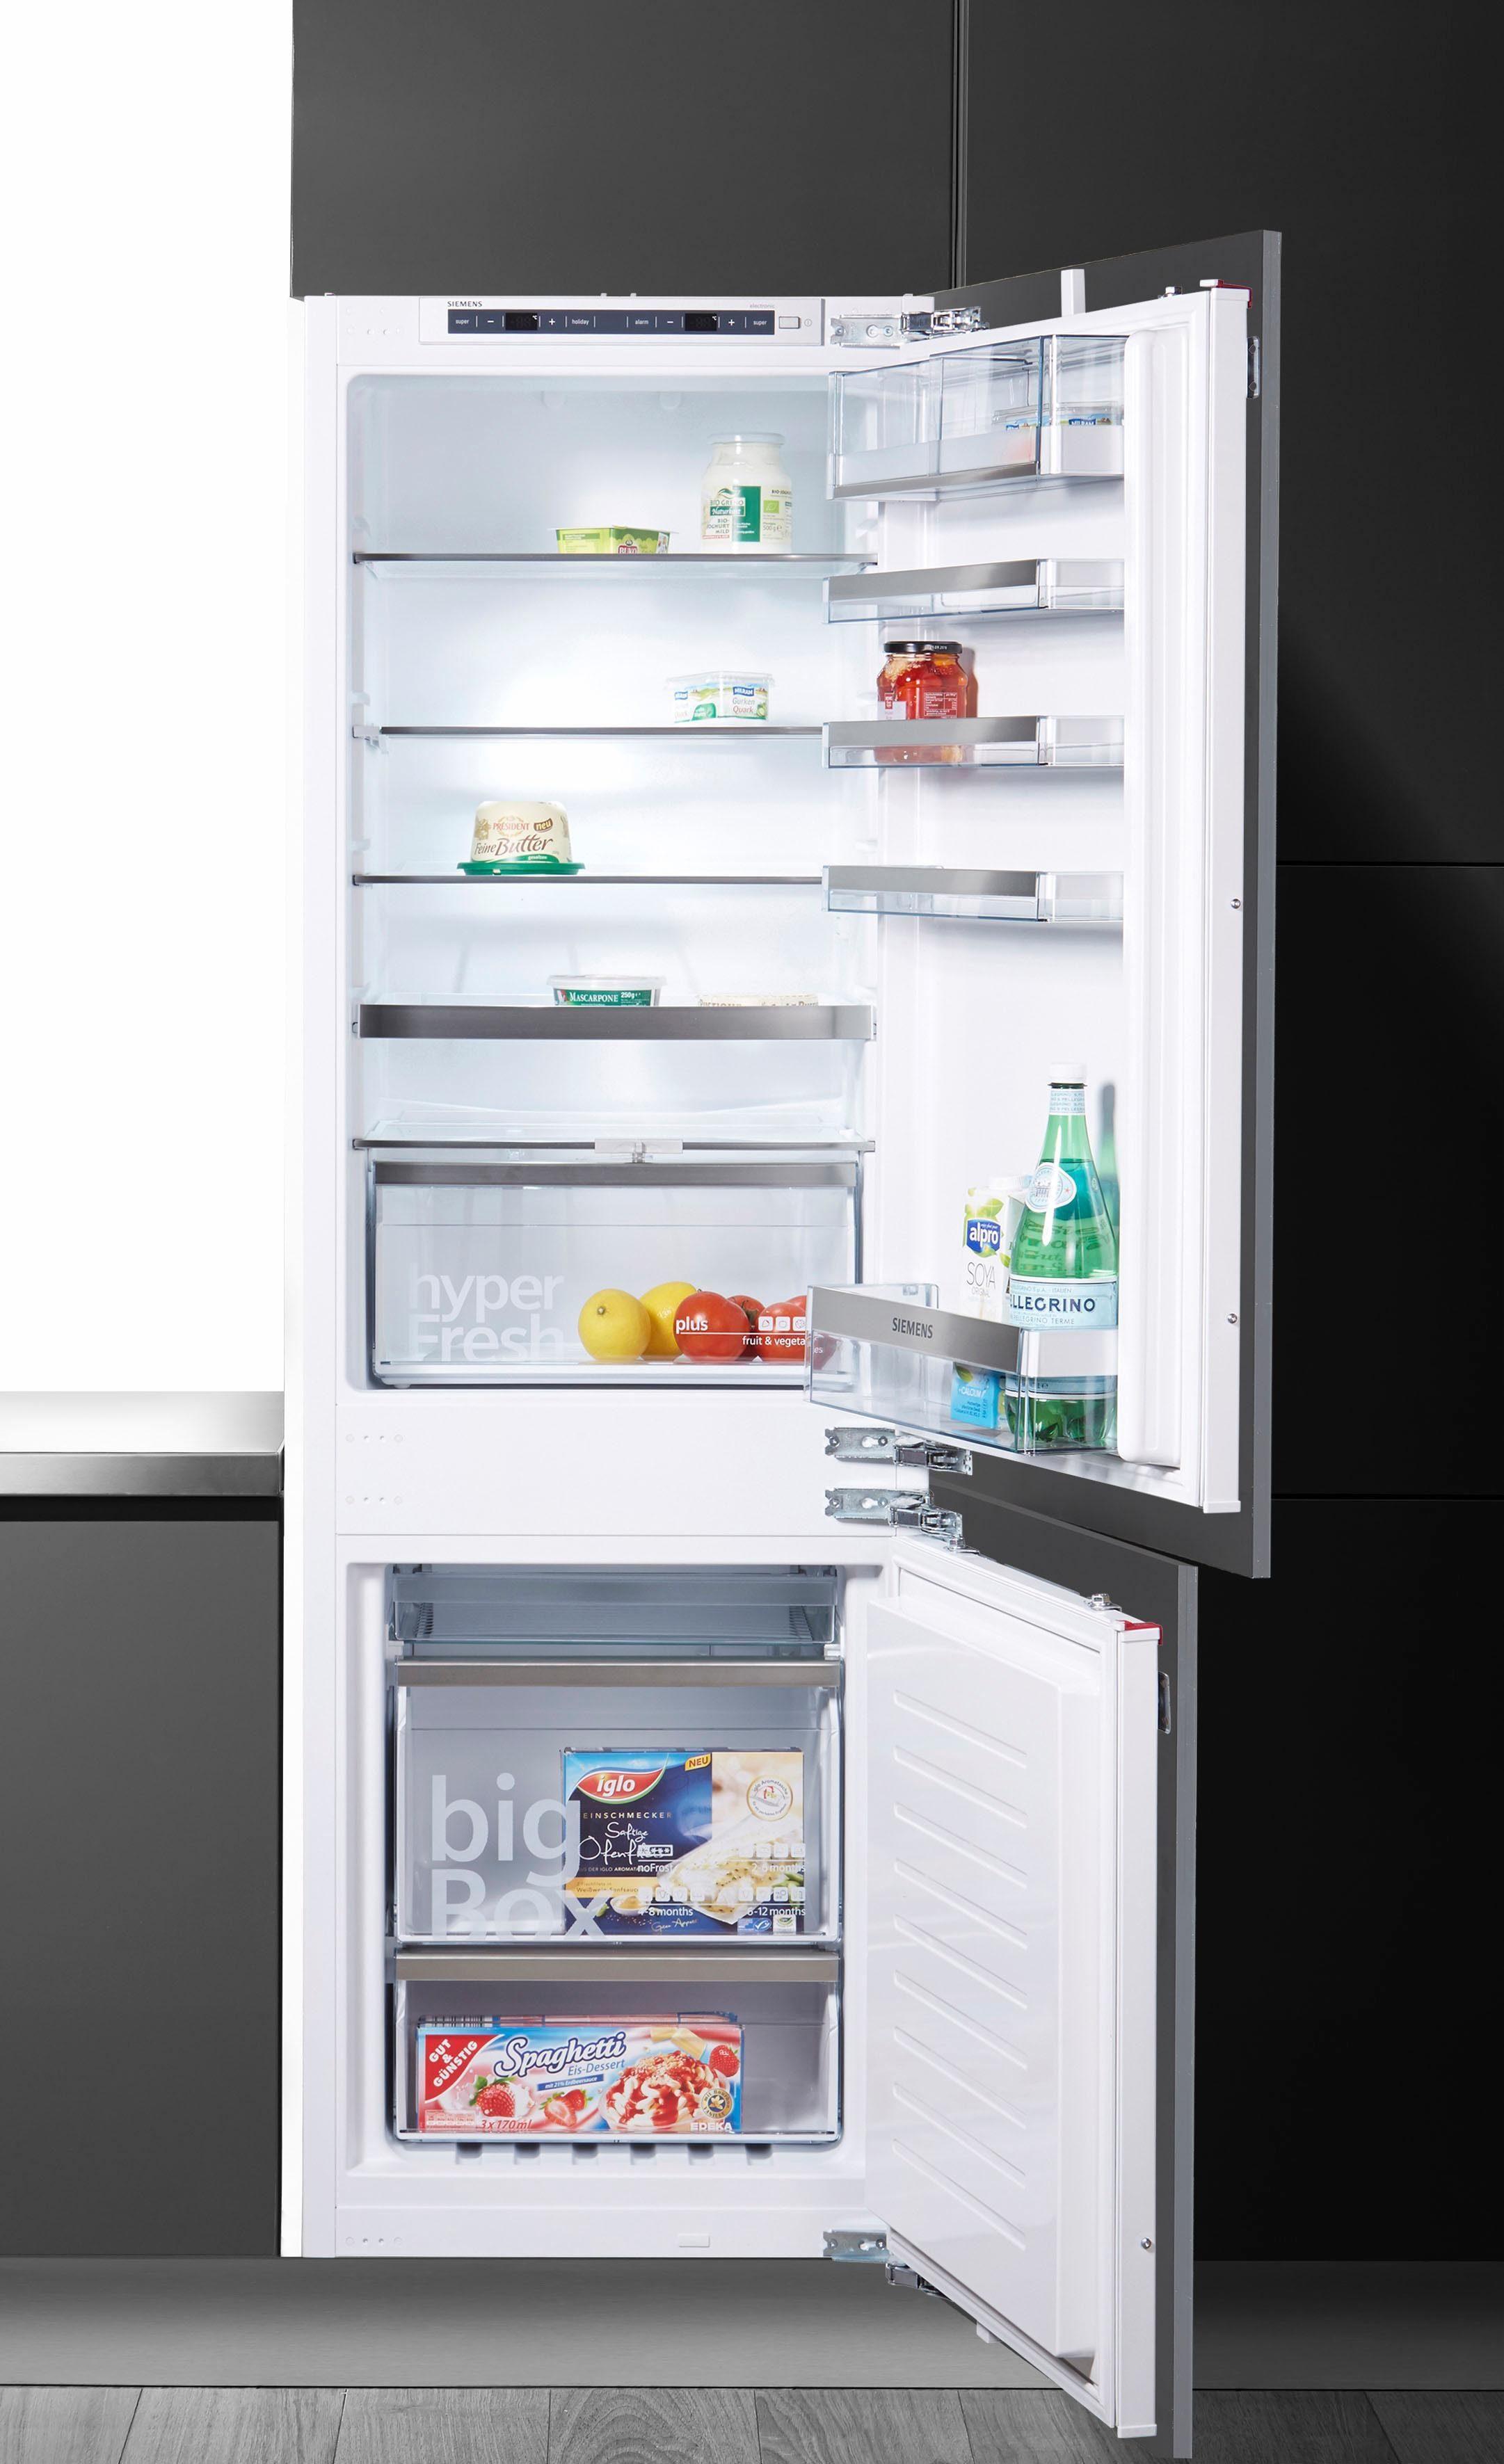 SIEMENS Einbaukühlgefrierkombination KI86NAD30, 177,2 cm hoch, 54,5 cm breit, Energieeffizienzklasse: A++, 177,2 cm hoch, NoFrost